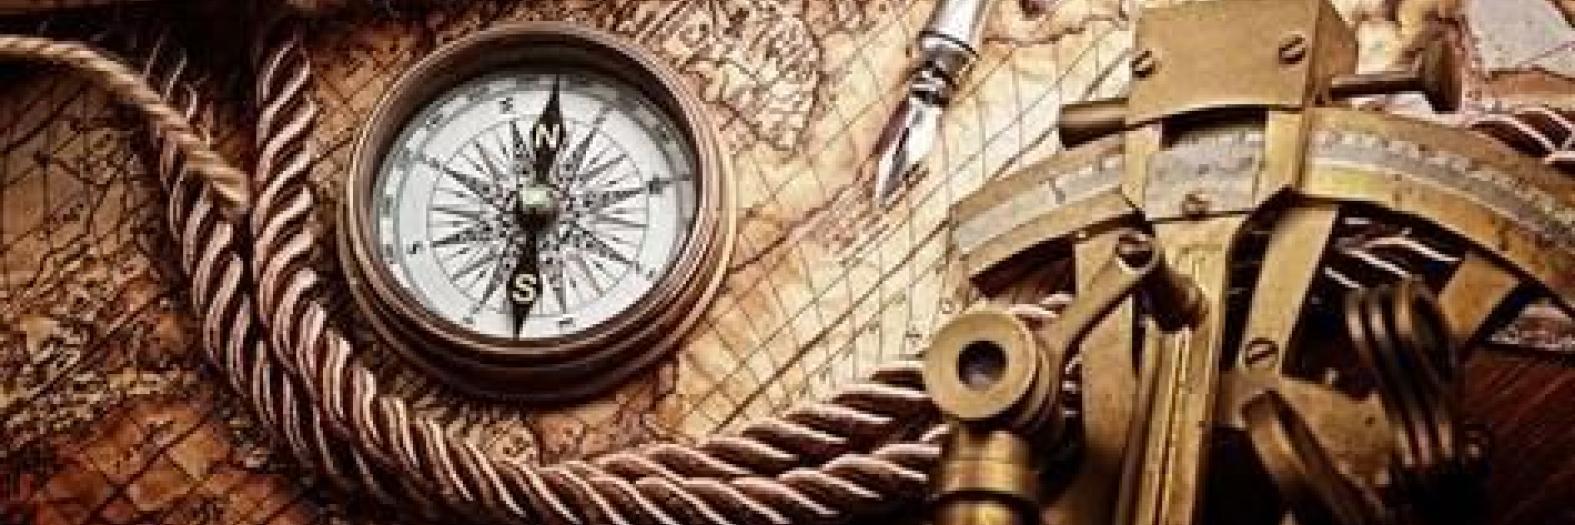 sextantmap.jpg